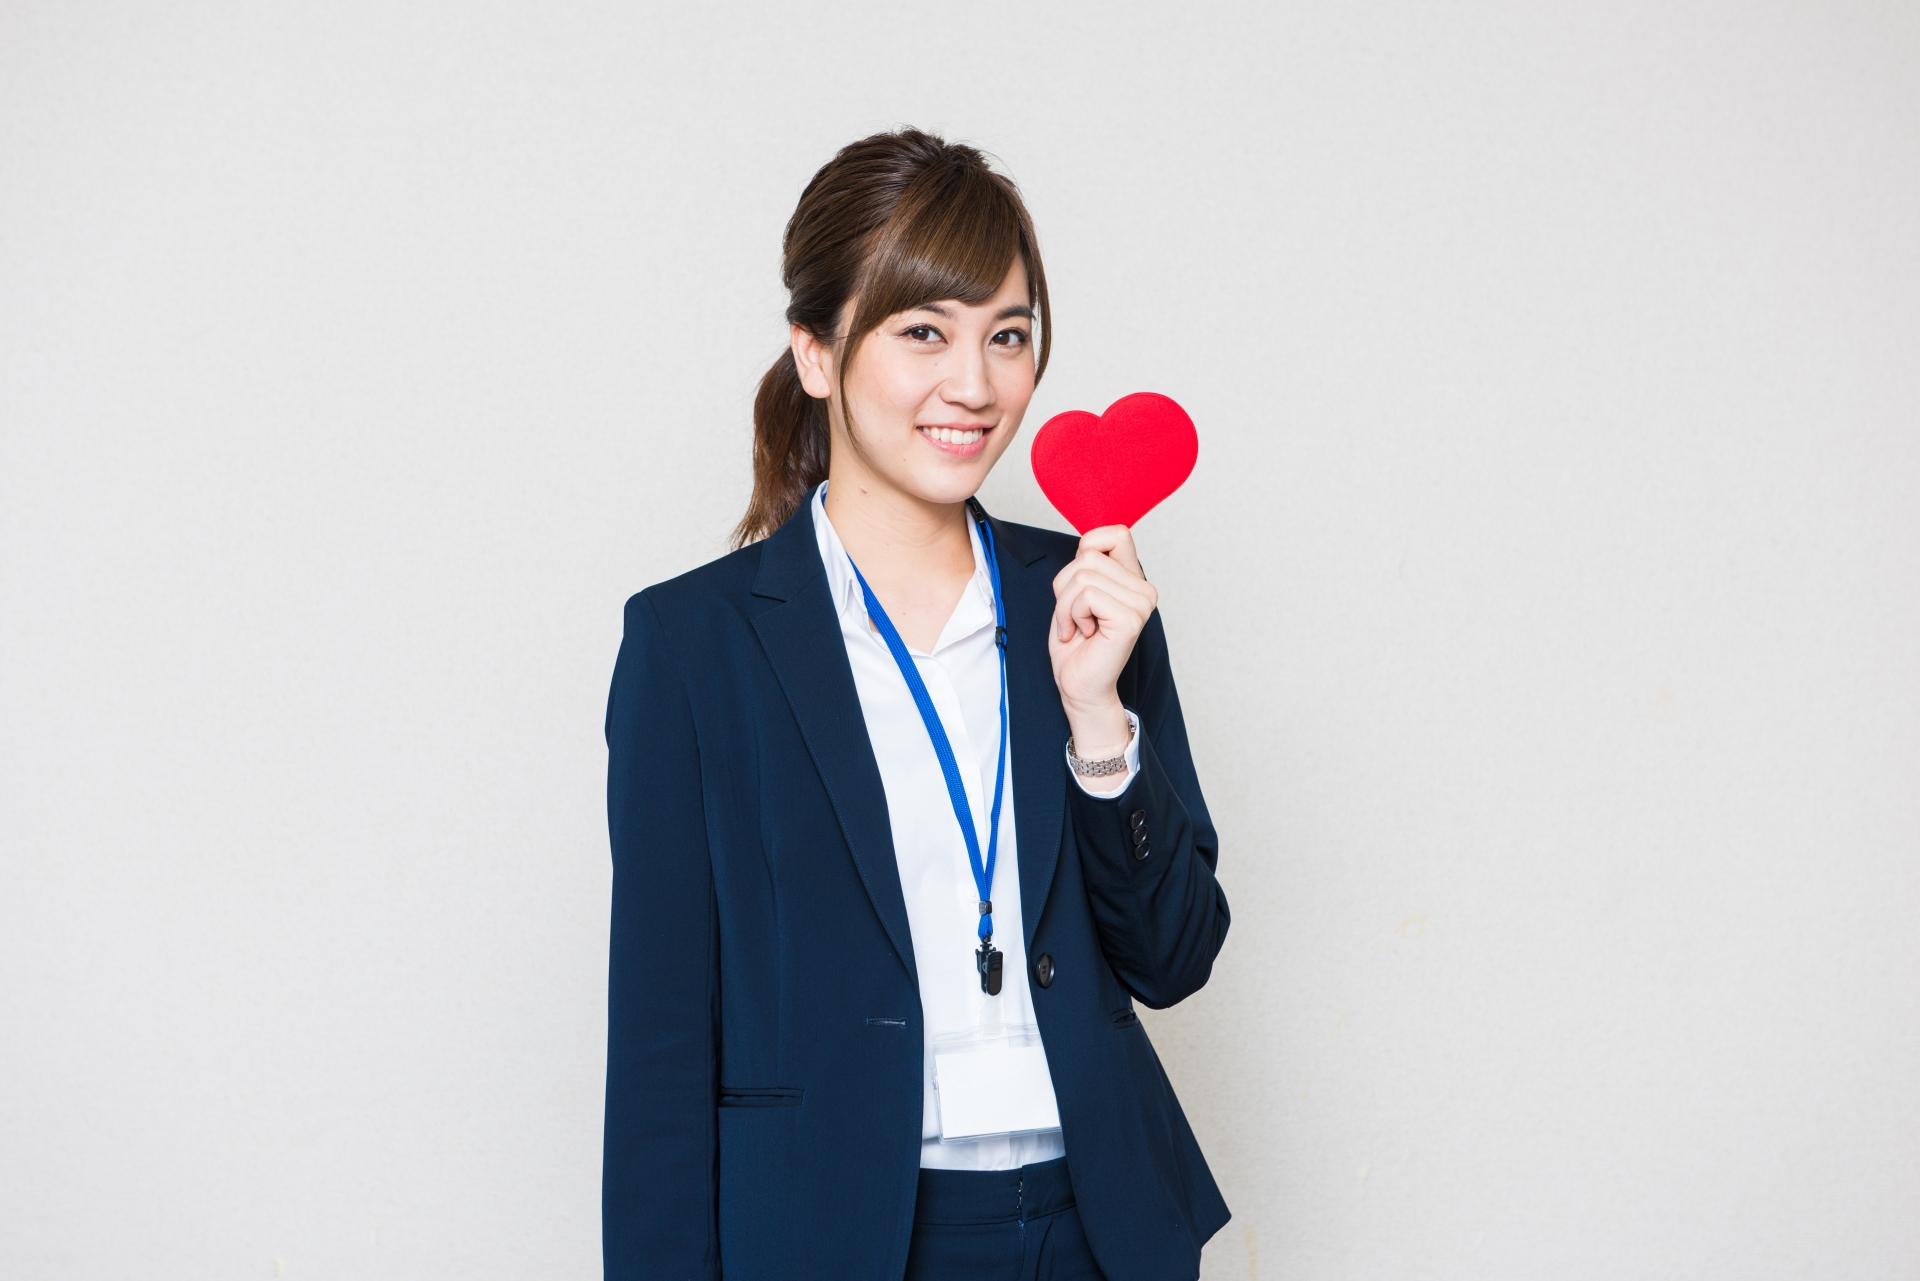 心臓外科医キャリア